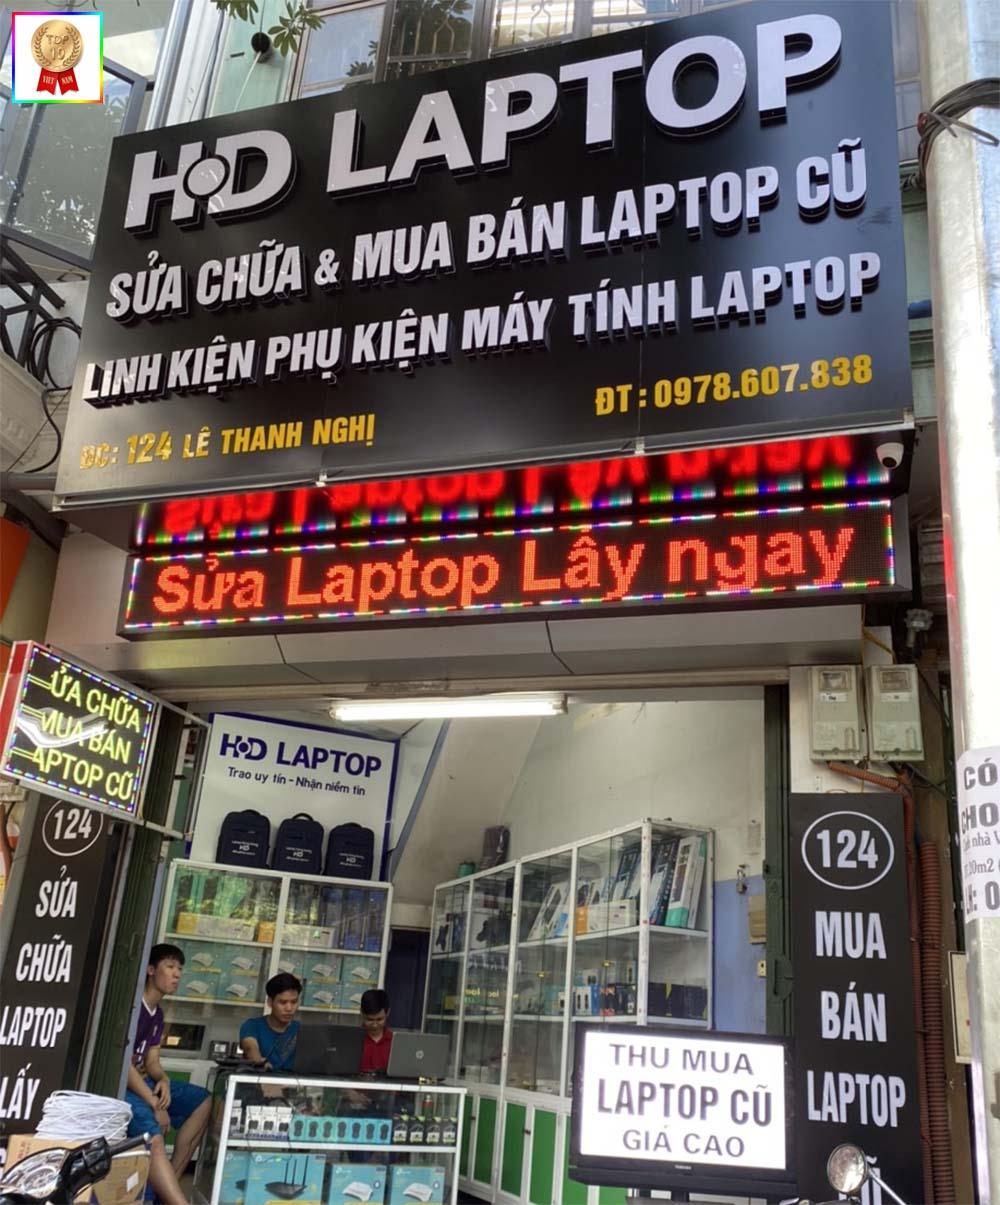 chính sách mua bán của hd laptop